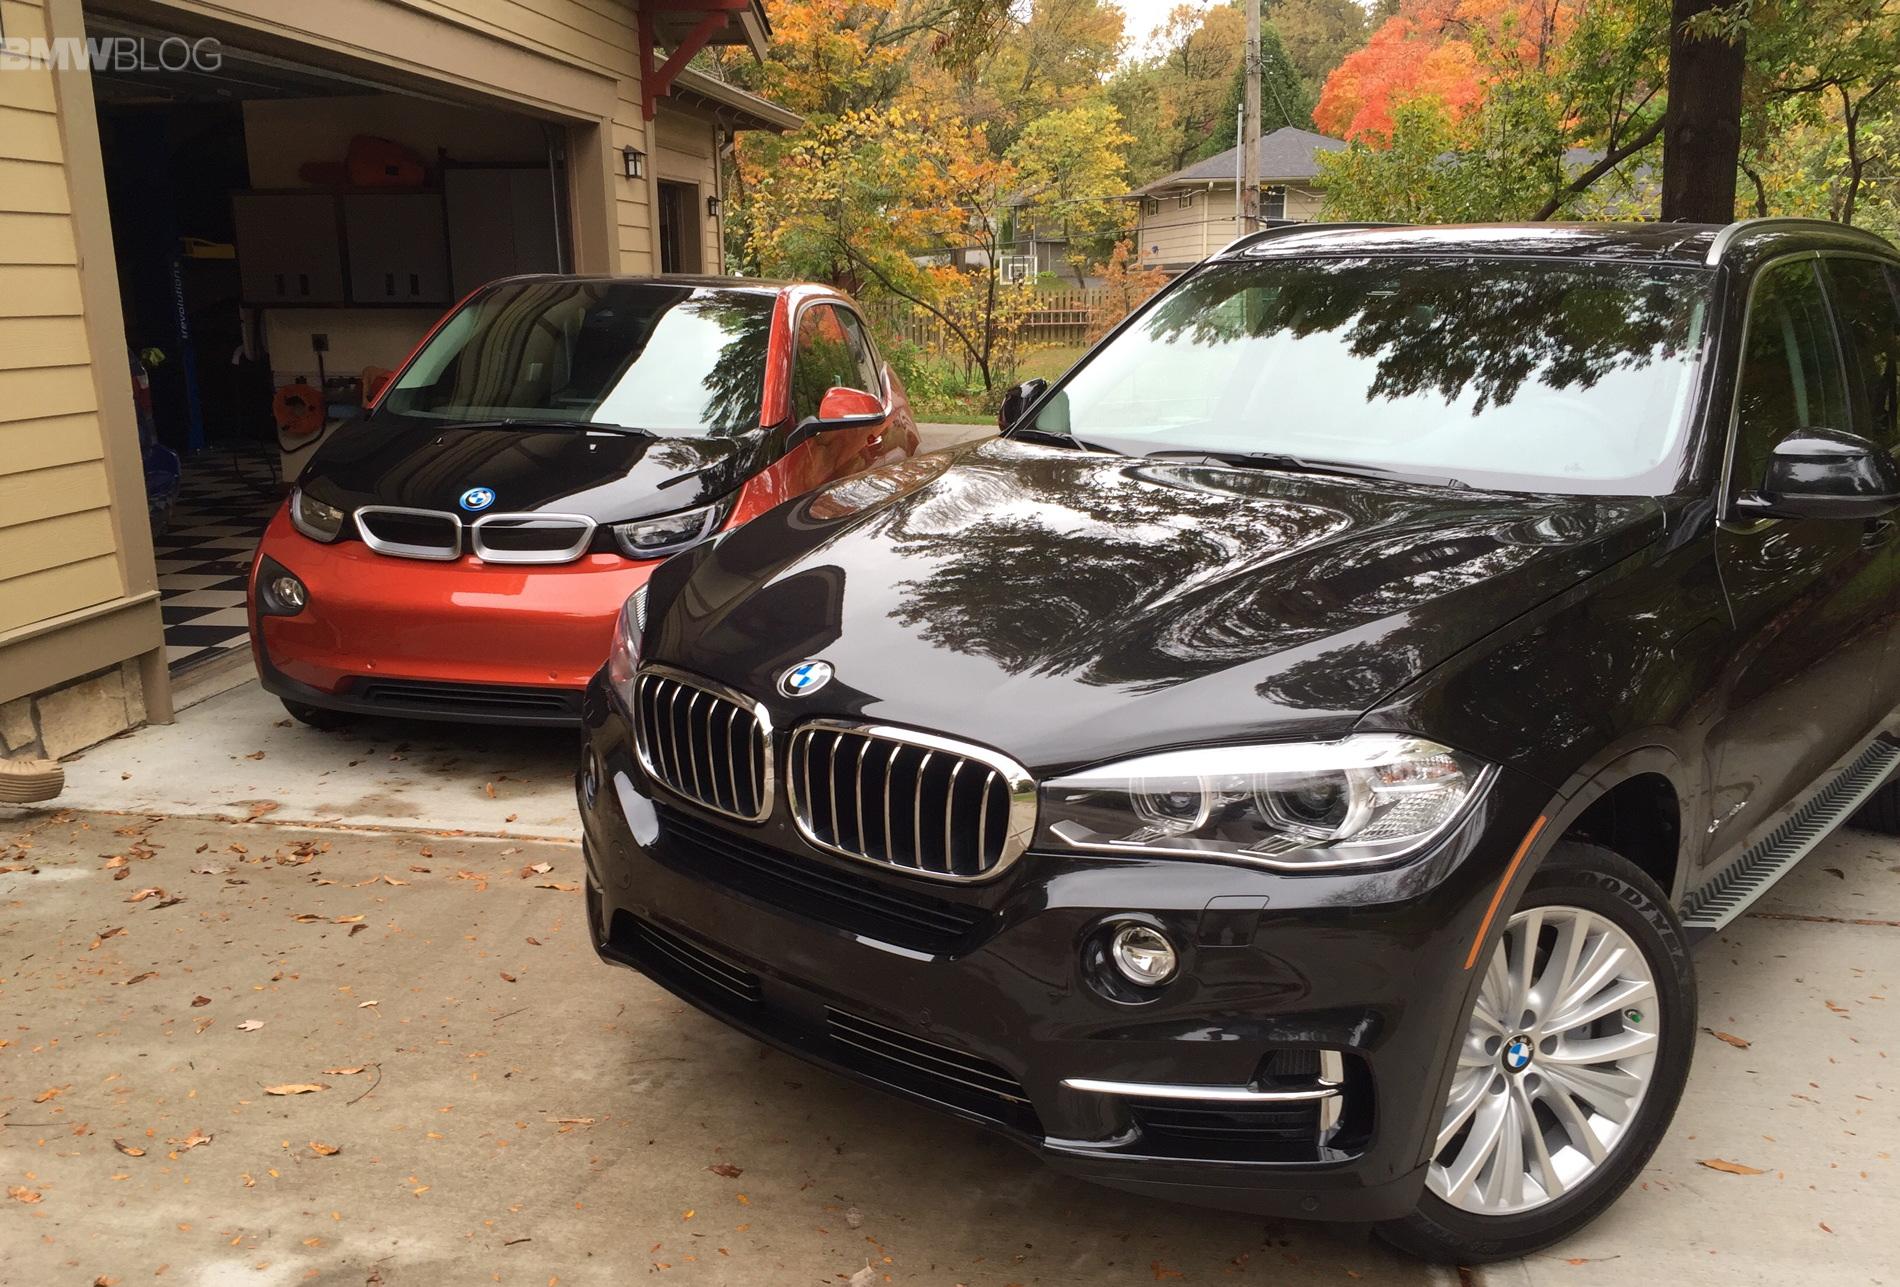 BMW X5 xDrive 40e test drive 7